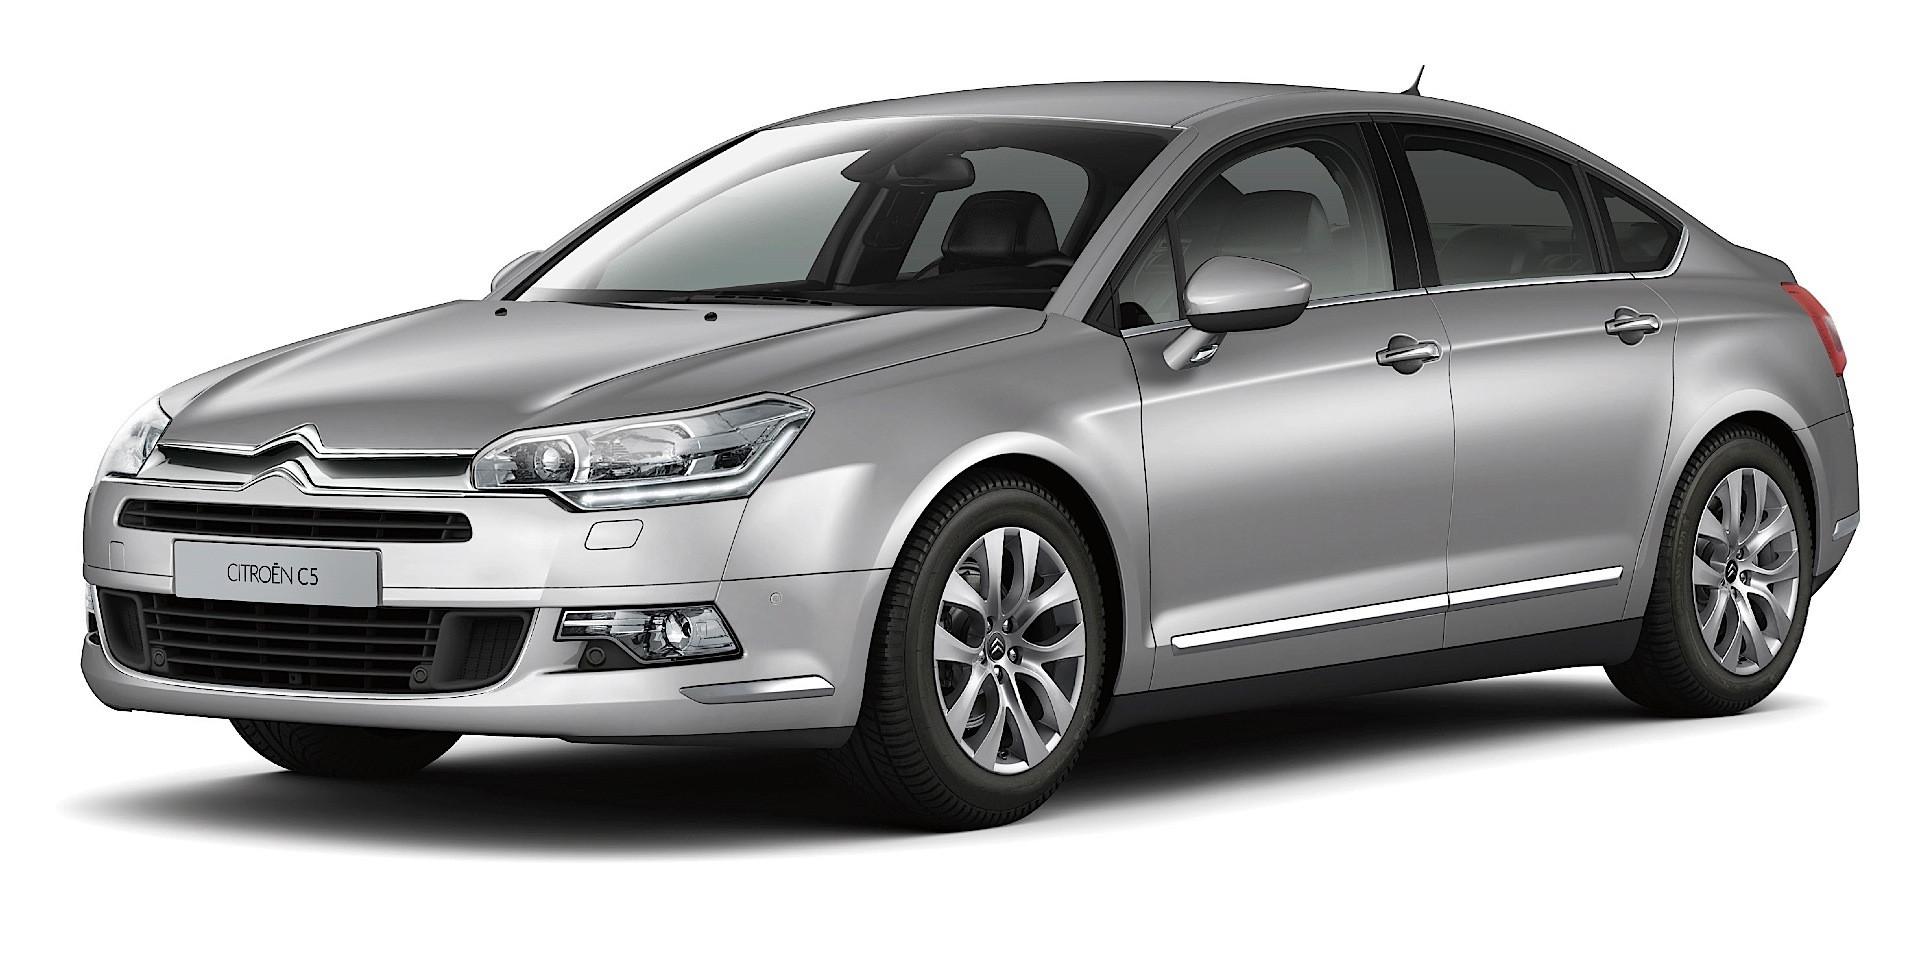 Производитель автомобилей Ситроэн закончил производство моделей C5